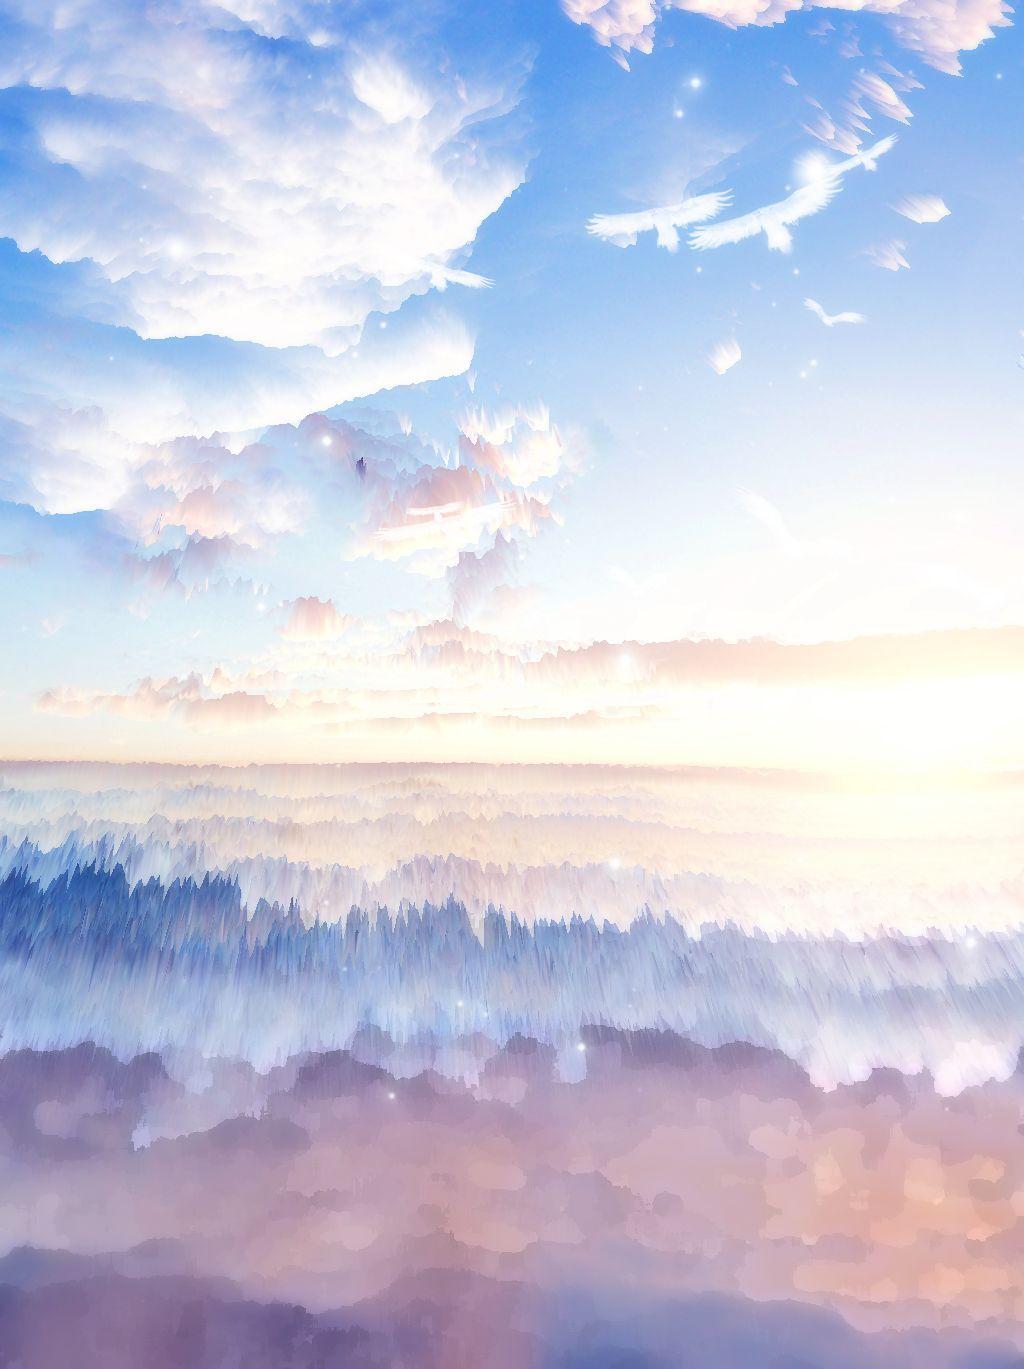 خلفية الخيال غيوم زرقاء وبيضاء خلفية المشهد خلفية سحابية ألوان مائية خلفية رومانسية جميلة أبيض خلفي Watercolor Background Paint Background Colorful Backgrounds